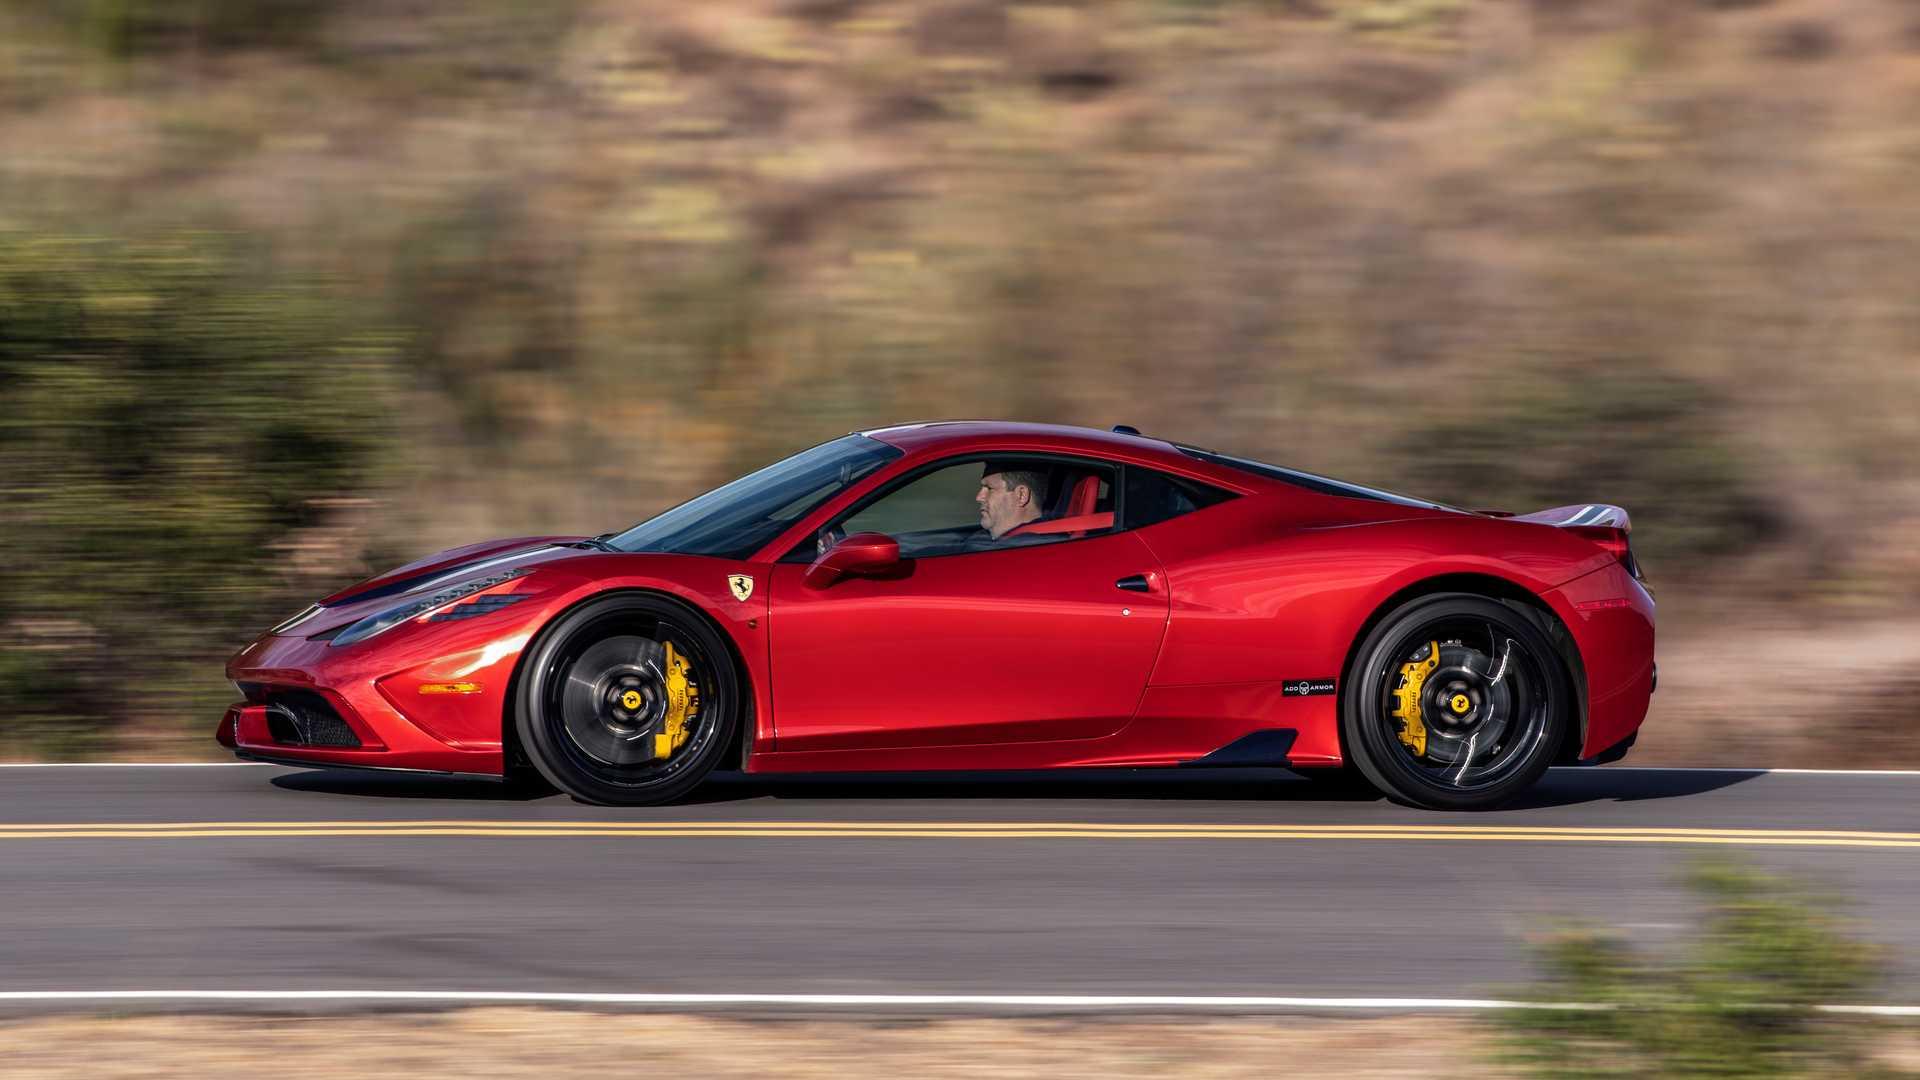 Ferrari-458-Speciale-AddArmor-7